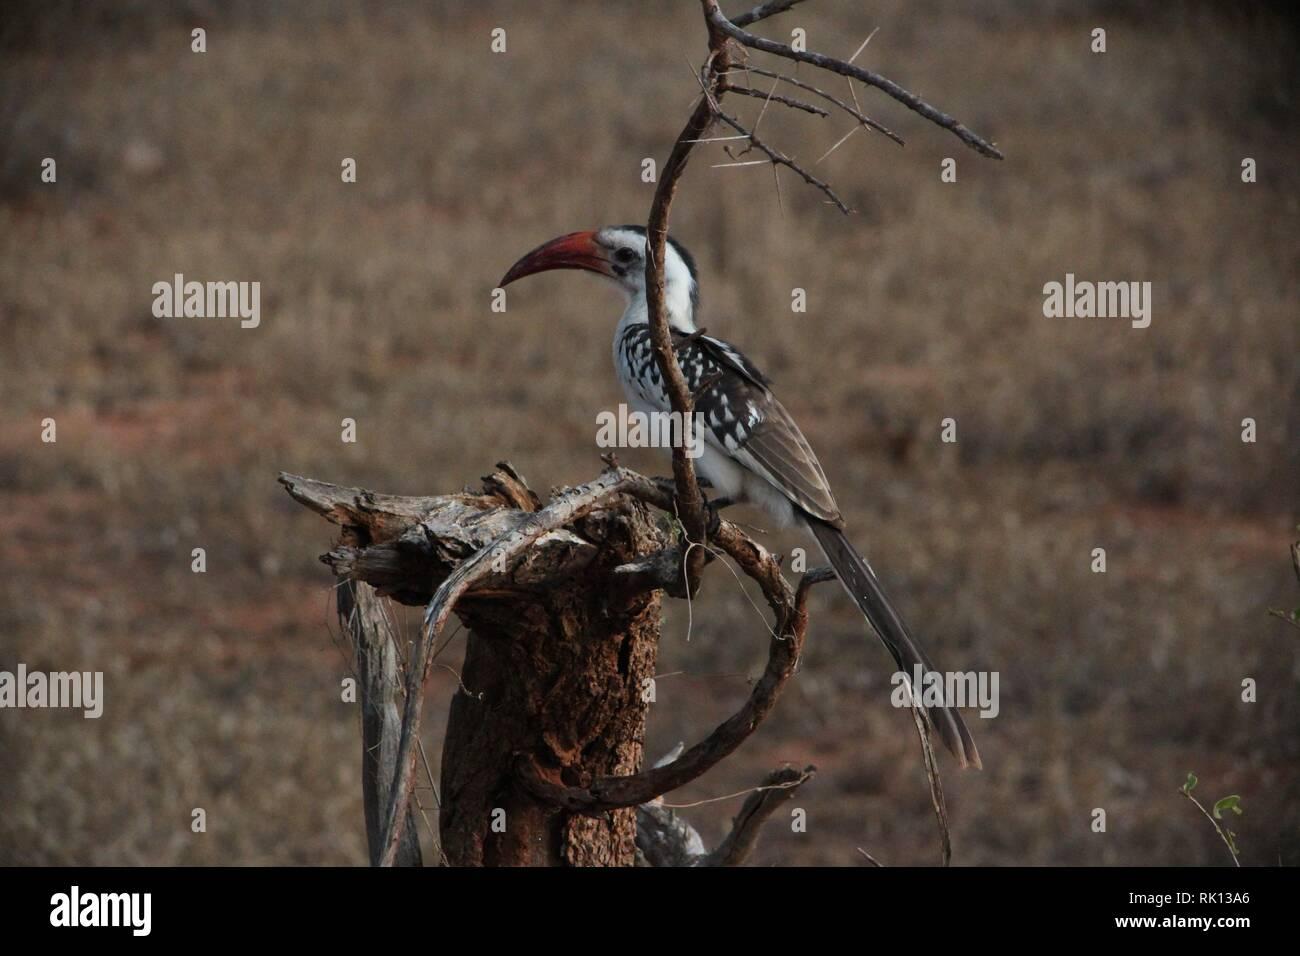 Northern Red-fatturati Hornbill (Tockus erythrorhynchus) nel Thornbush del parco nazionale orientale di Tsavo, Kenya Immagini Stock